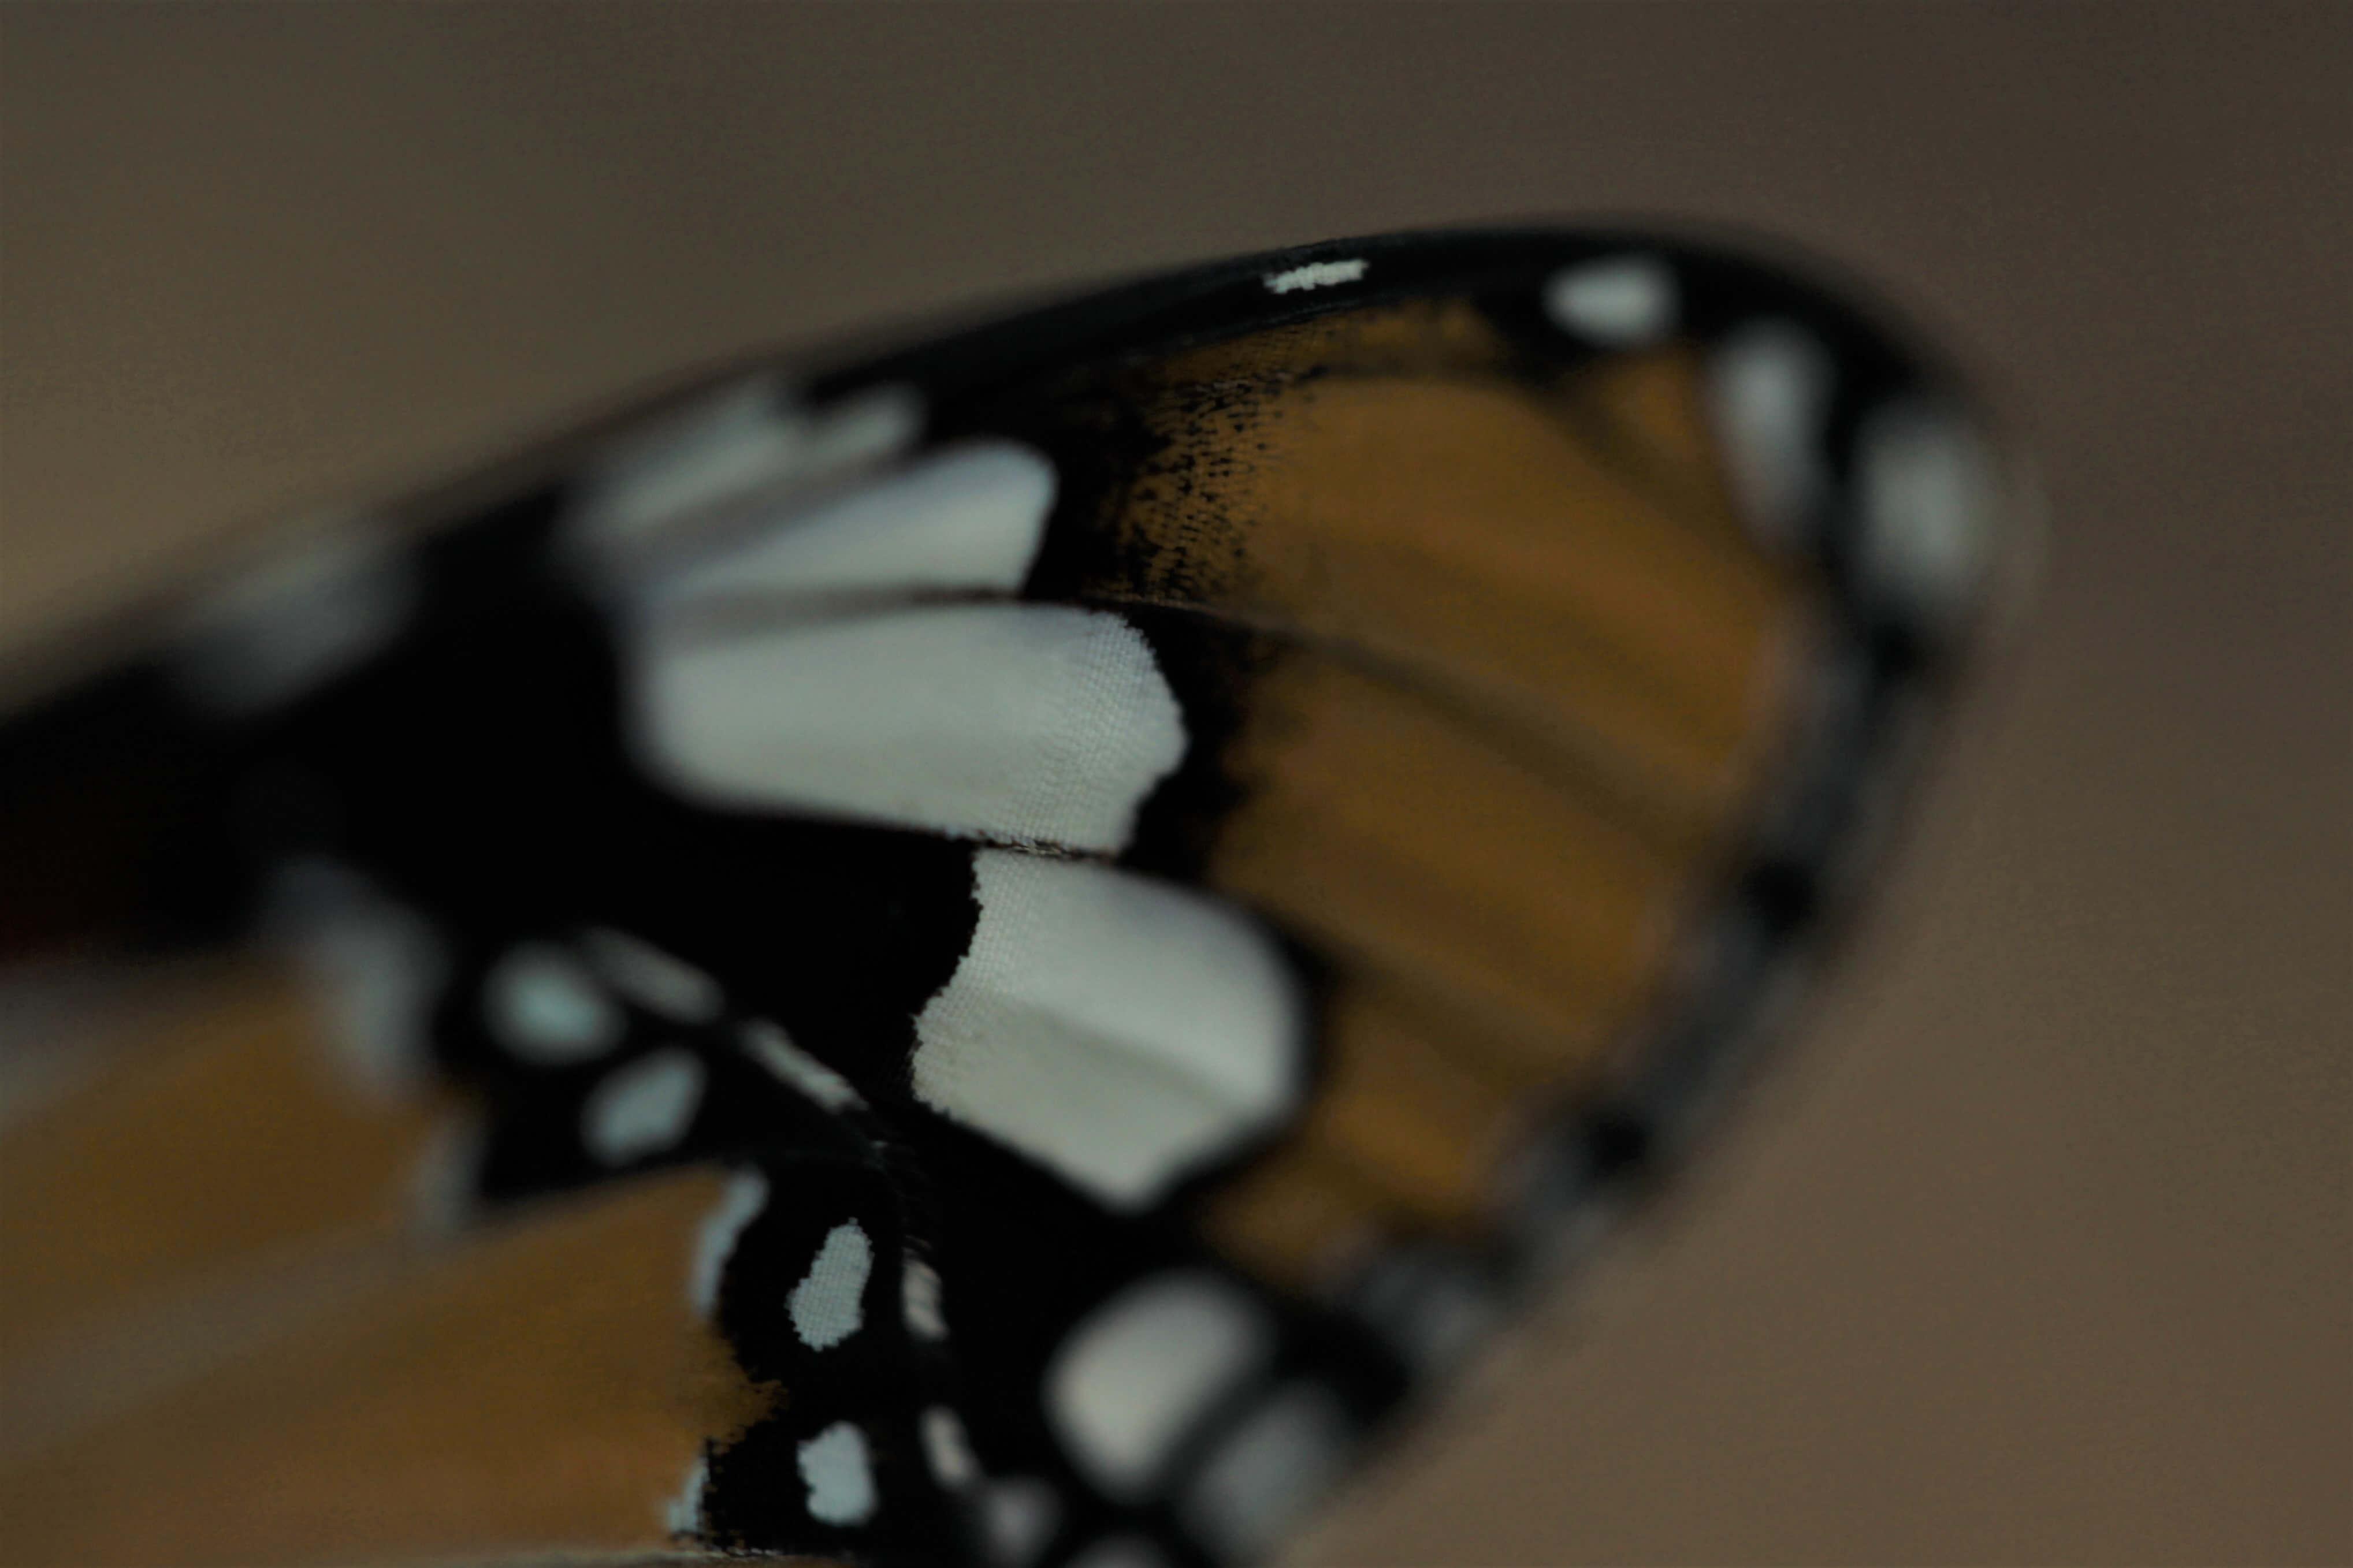 Danaus chrysippus wing. Photo credit: Johandre van Rooyen